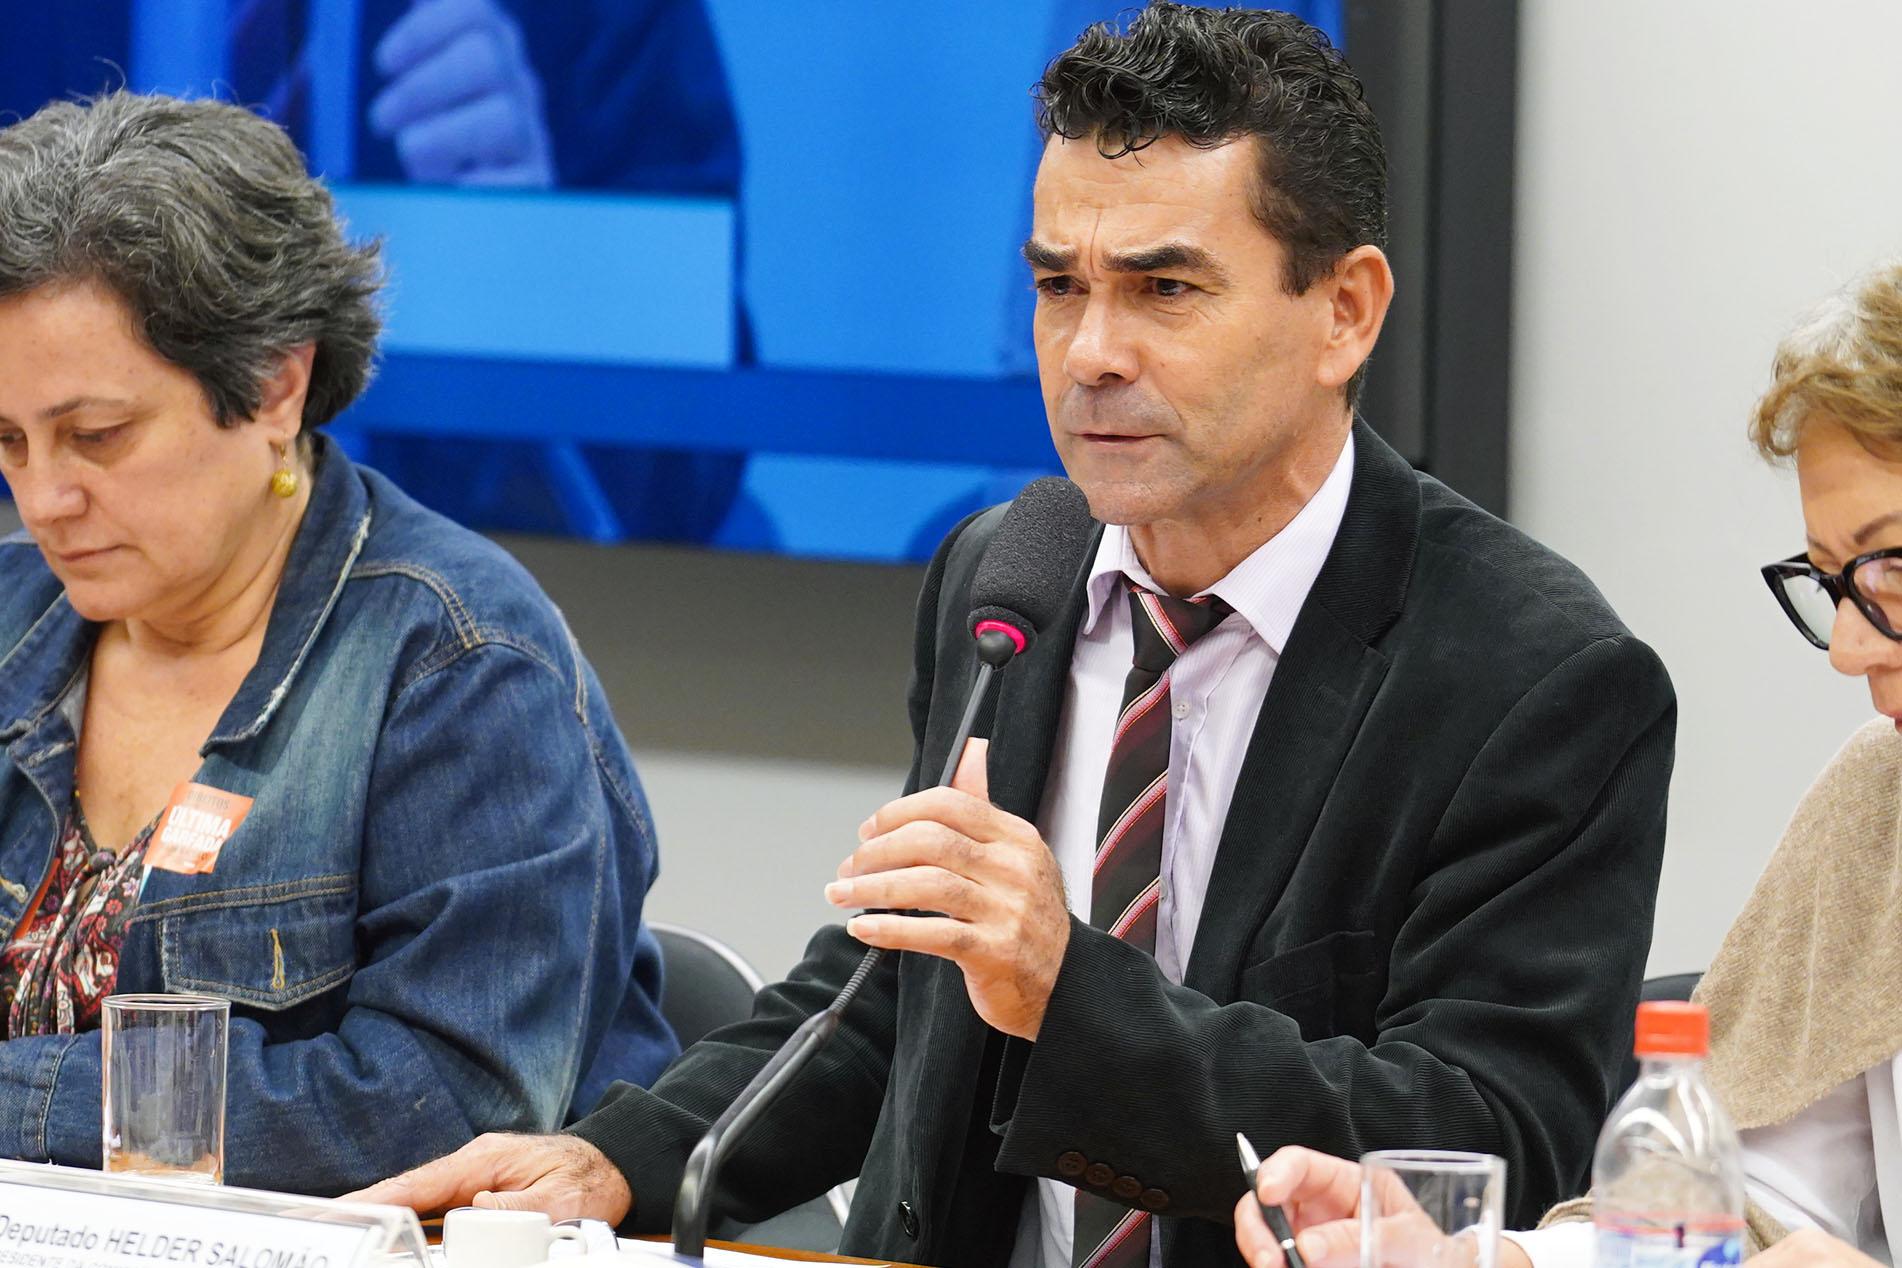 Audiência pública sobre os direitos humanos à alimentação. Dep. Padre João (PT - MG)